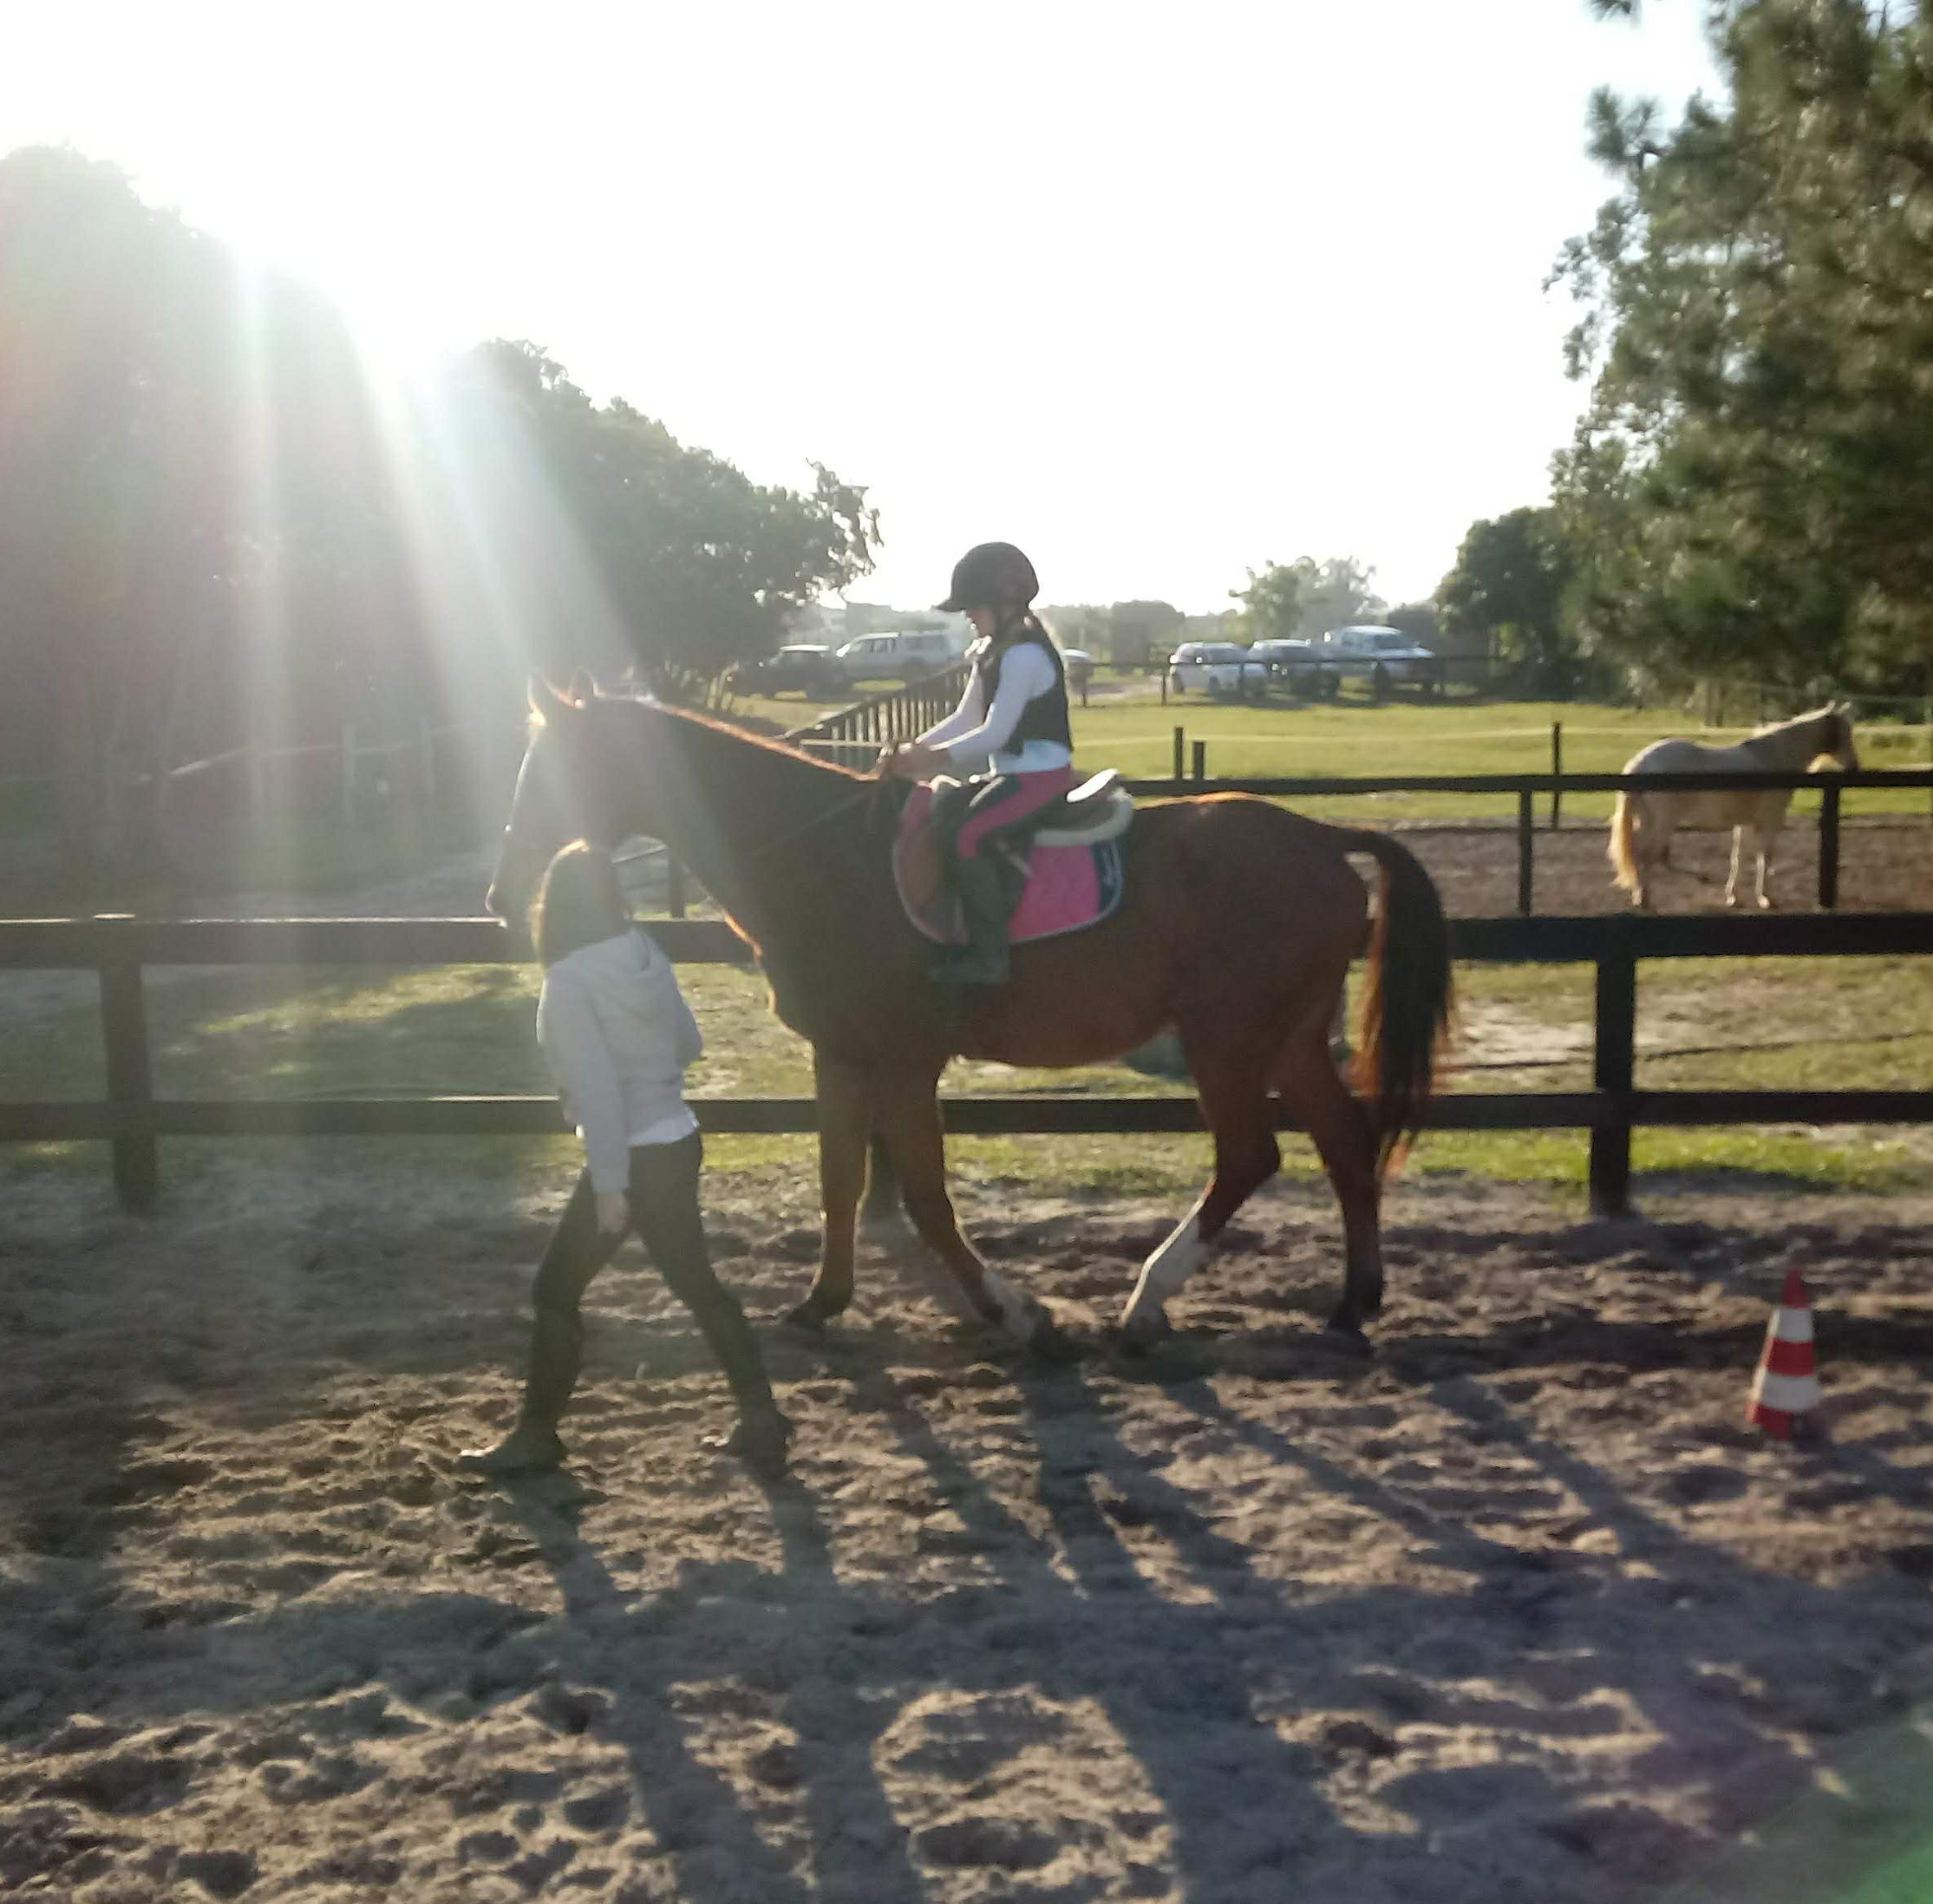 Escola de equitação, o primeiro passo para o mundo do cavalo